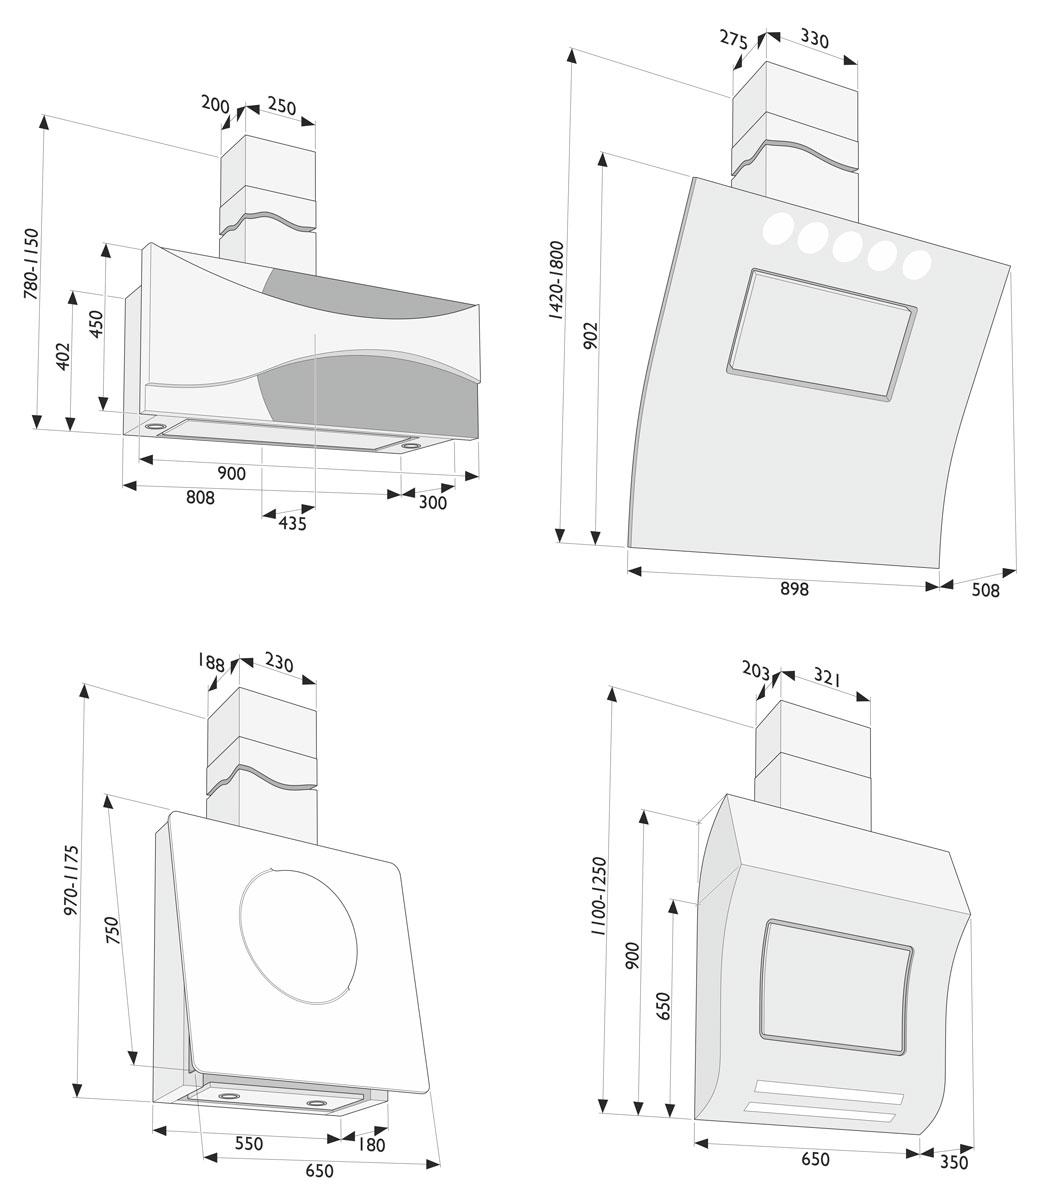 Novi, Technische illustraties, Technische documentatie, Technische handleidingen, Maatschets, portfolio